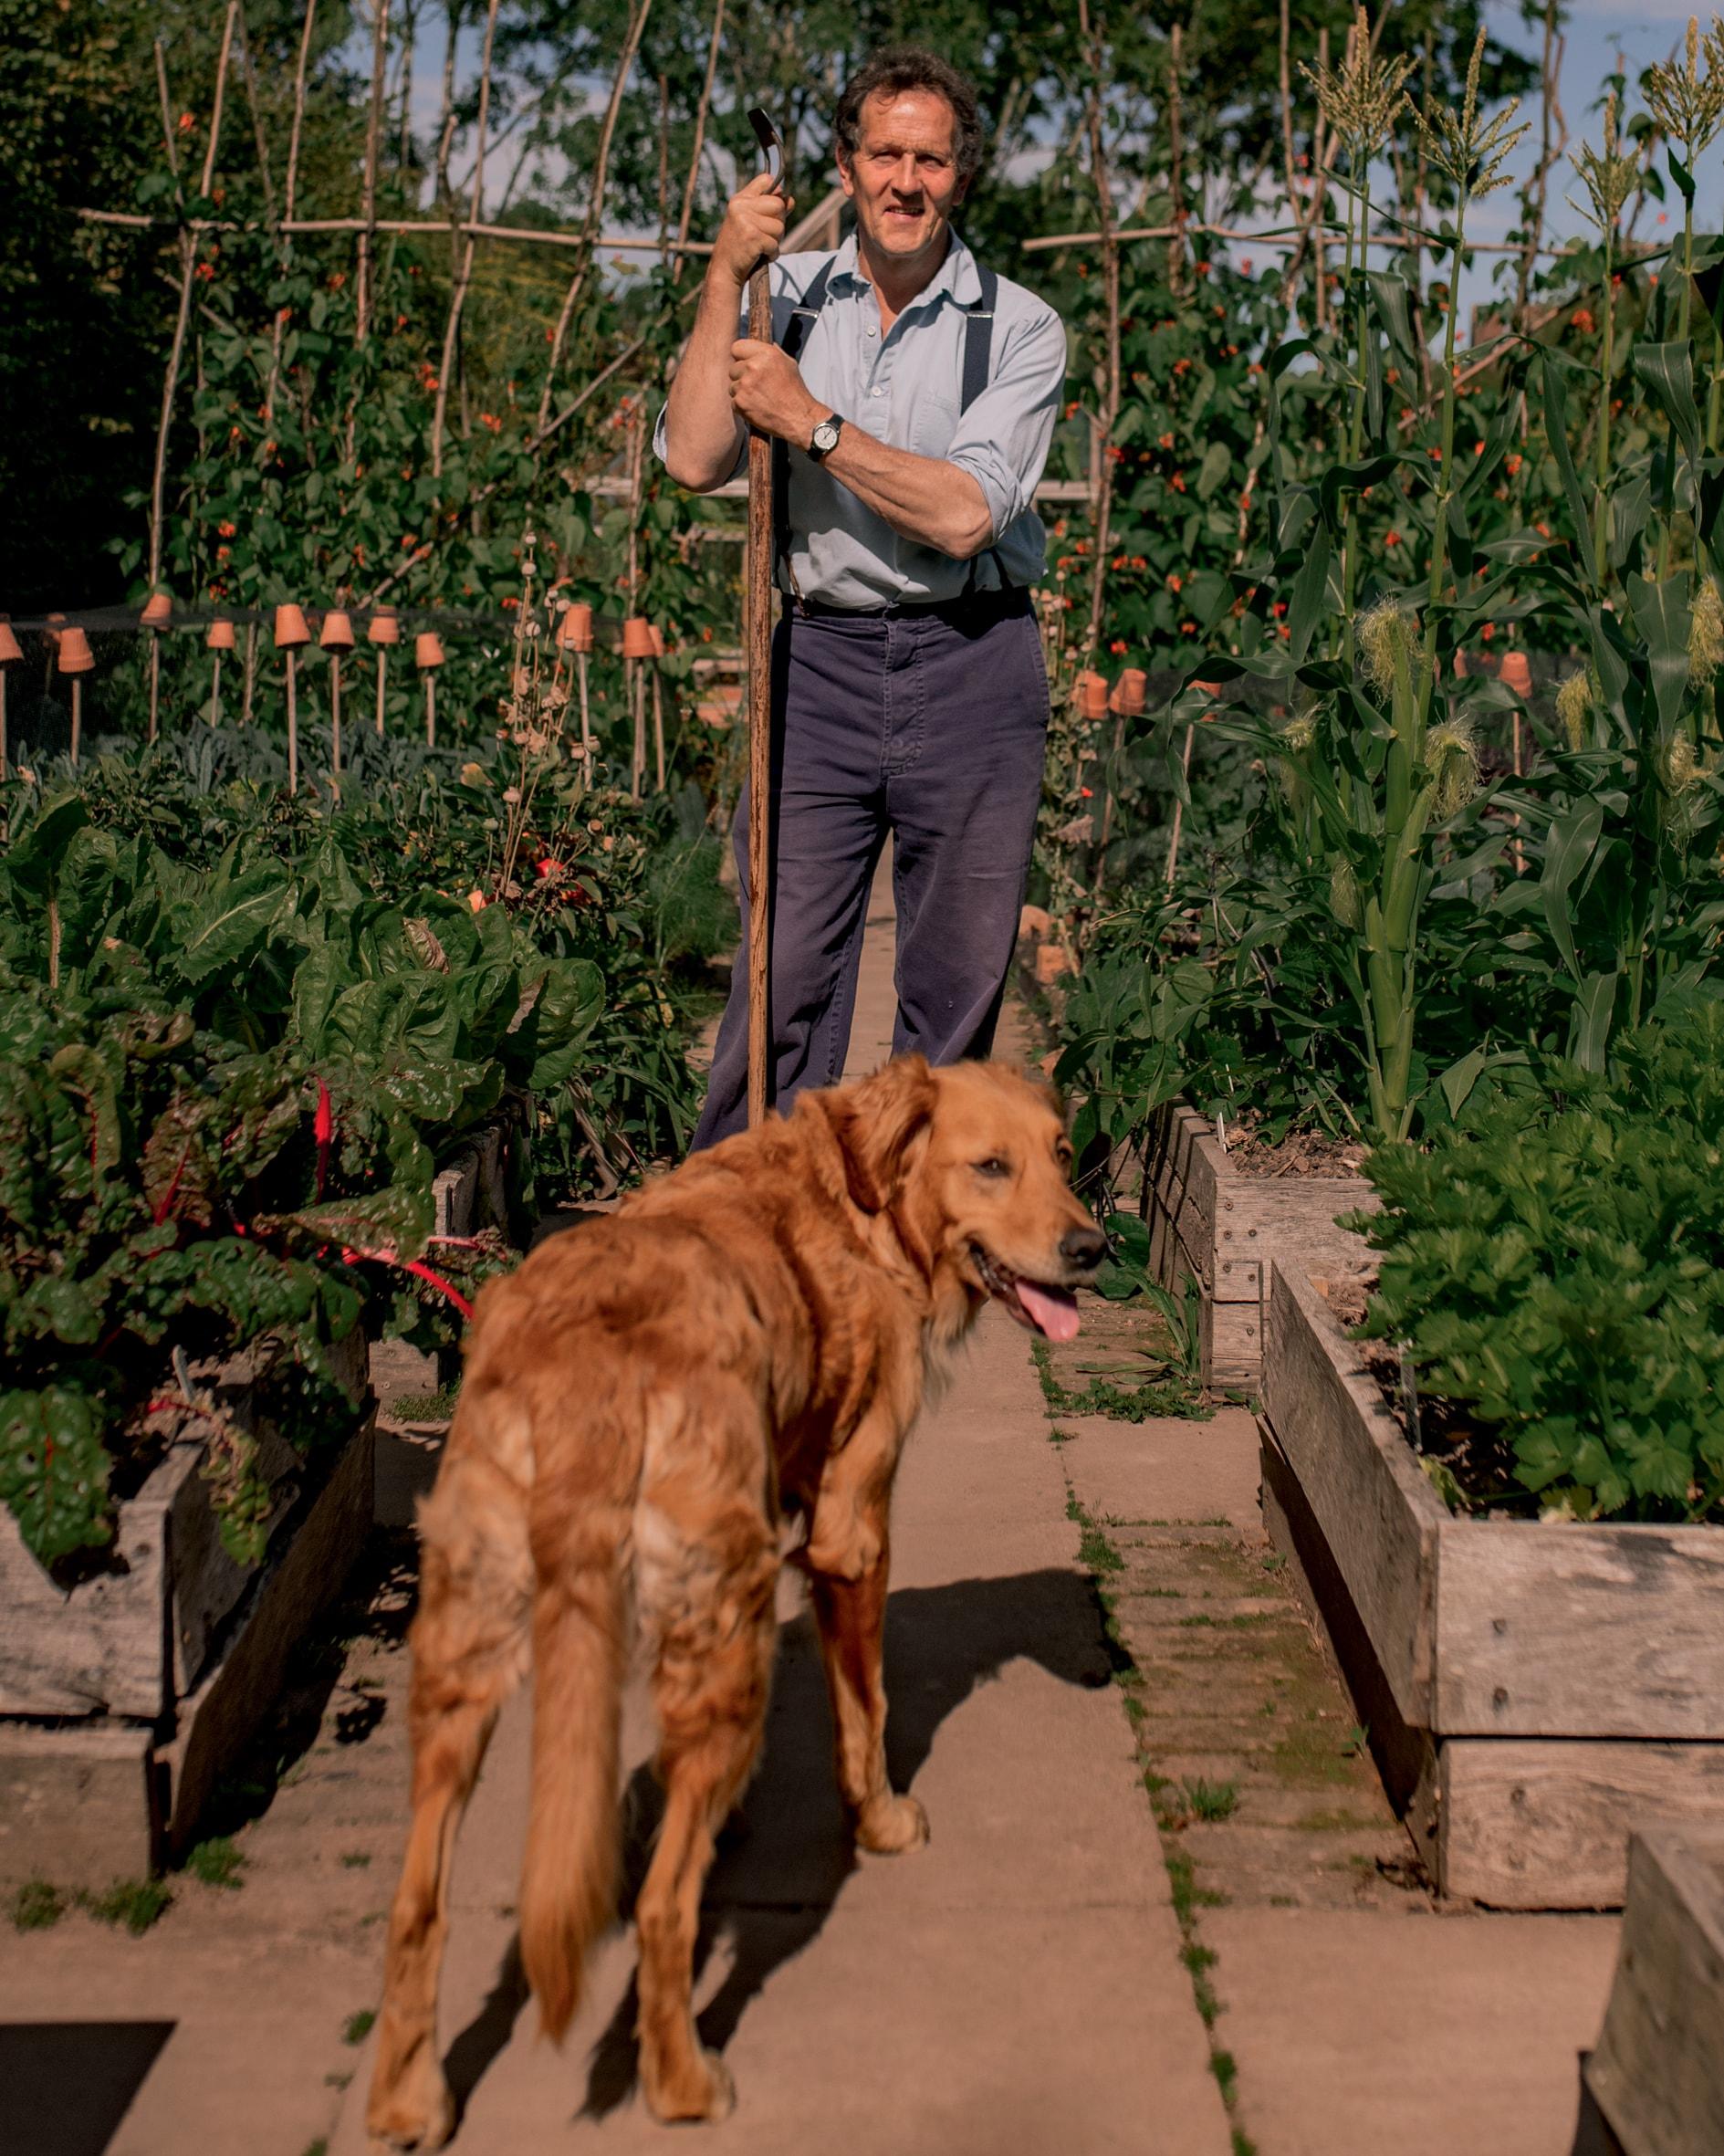 Proprietario di cani da molti anni, il giardiniere, scrittore e conduttore tv ha perso il suo amato cane Nigel, lo scorso maggio, dopo 12 anni insieme. Una foto insieme a Nigel, della fotografa Marsha Arnold, è fra i suoi ricordi più preziosi.